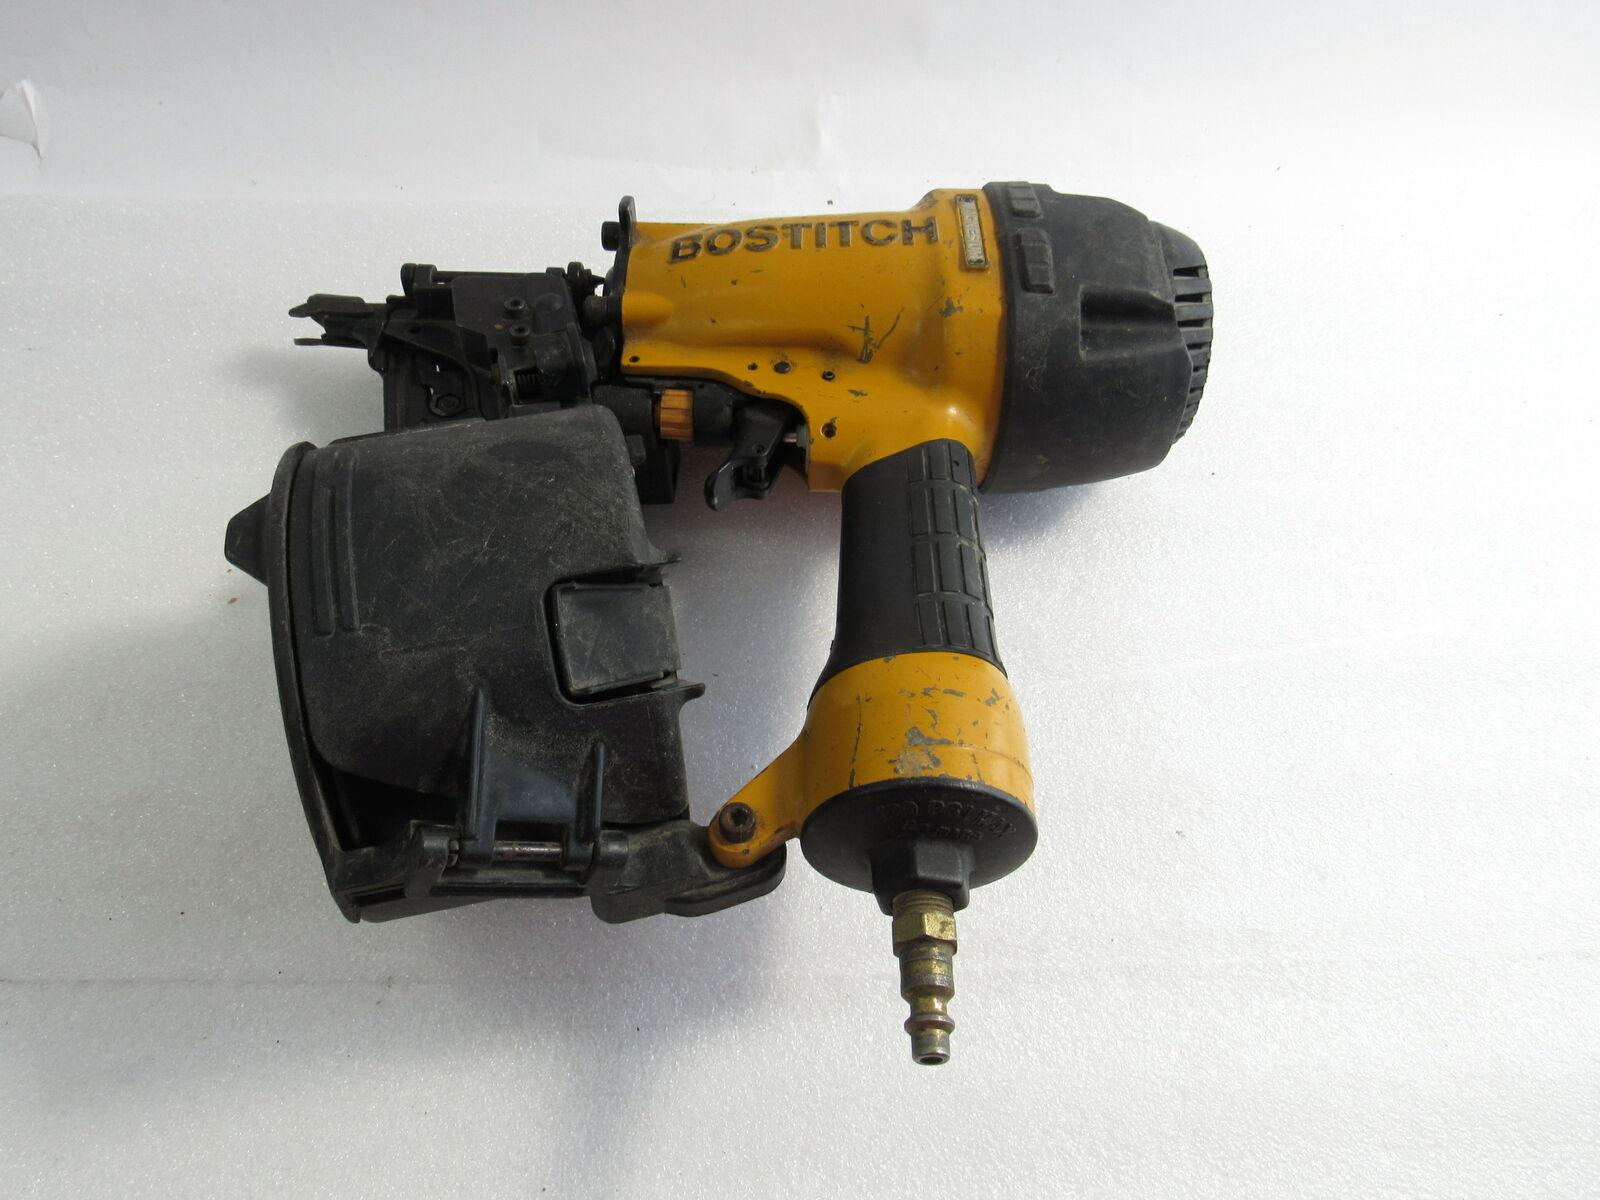 BOSTITCH N66C-1 Pneumatic Air-Powered Coil Siding Nailer, 1-1-1/4